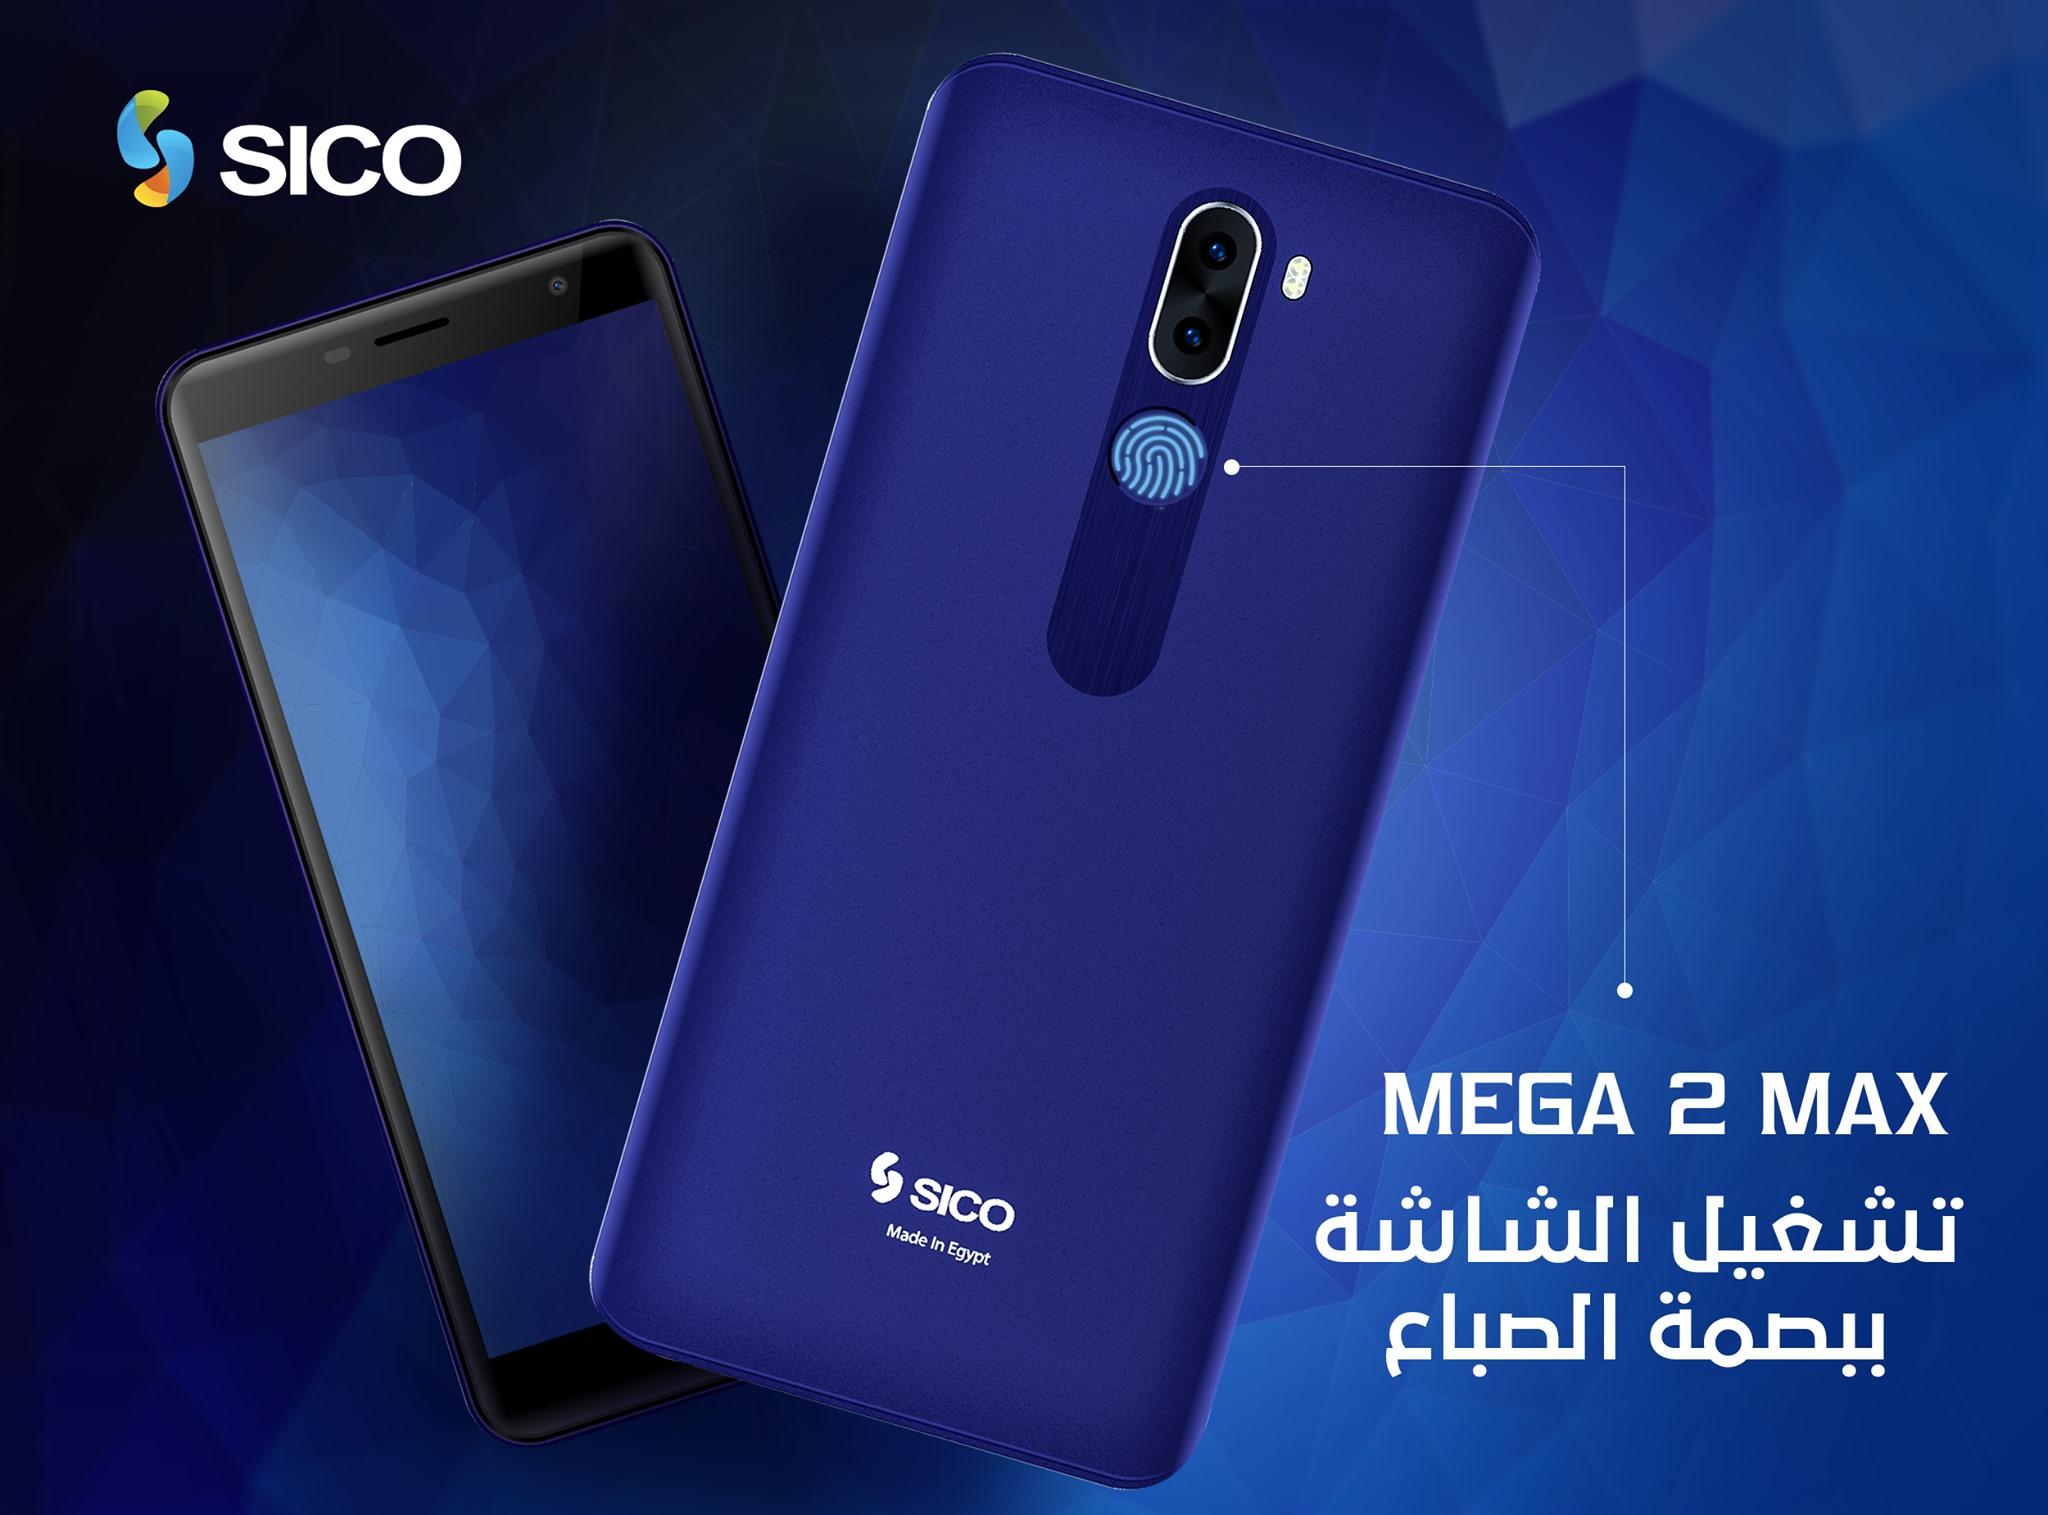 هاتف (سيكو) المصنوع في مصر يصل الاسواق الاوروبية خلال آيام